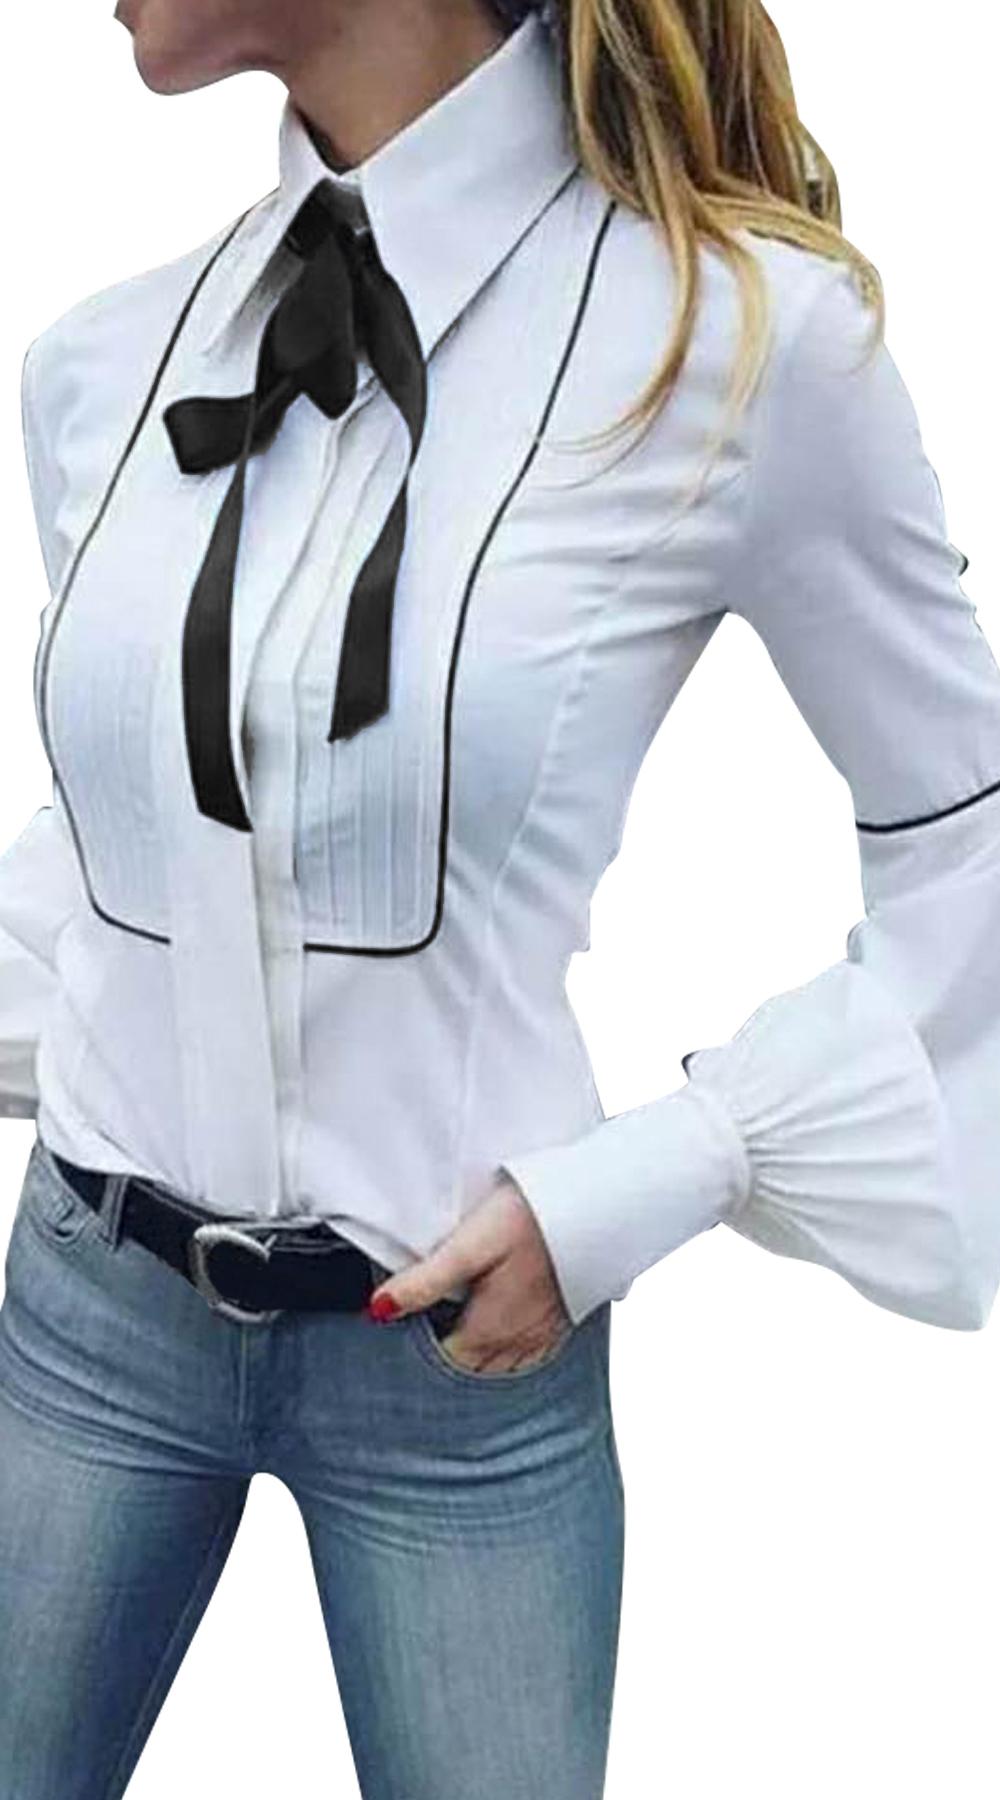 Γυναικείο πουκάμισο με μεγάλα μανίκια Navy Chic (αποστολές από 20/1) - OEM - W18 top trends office look